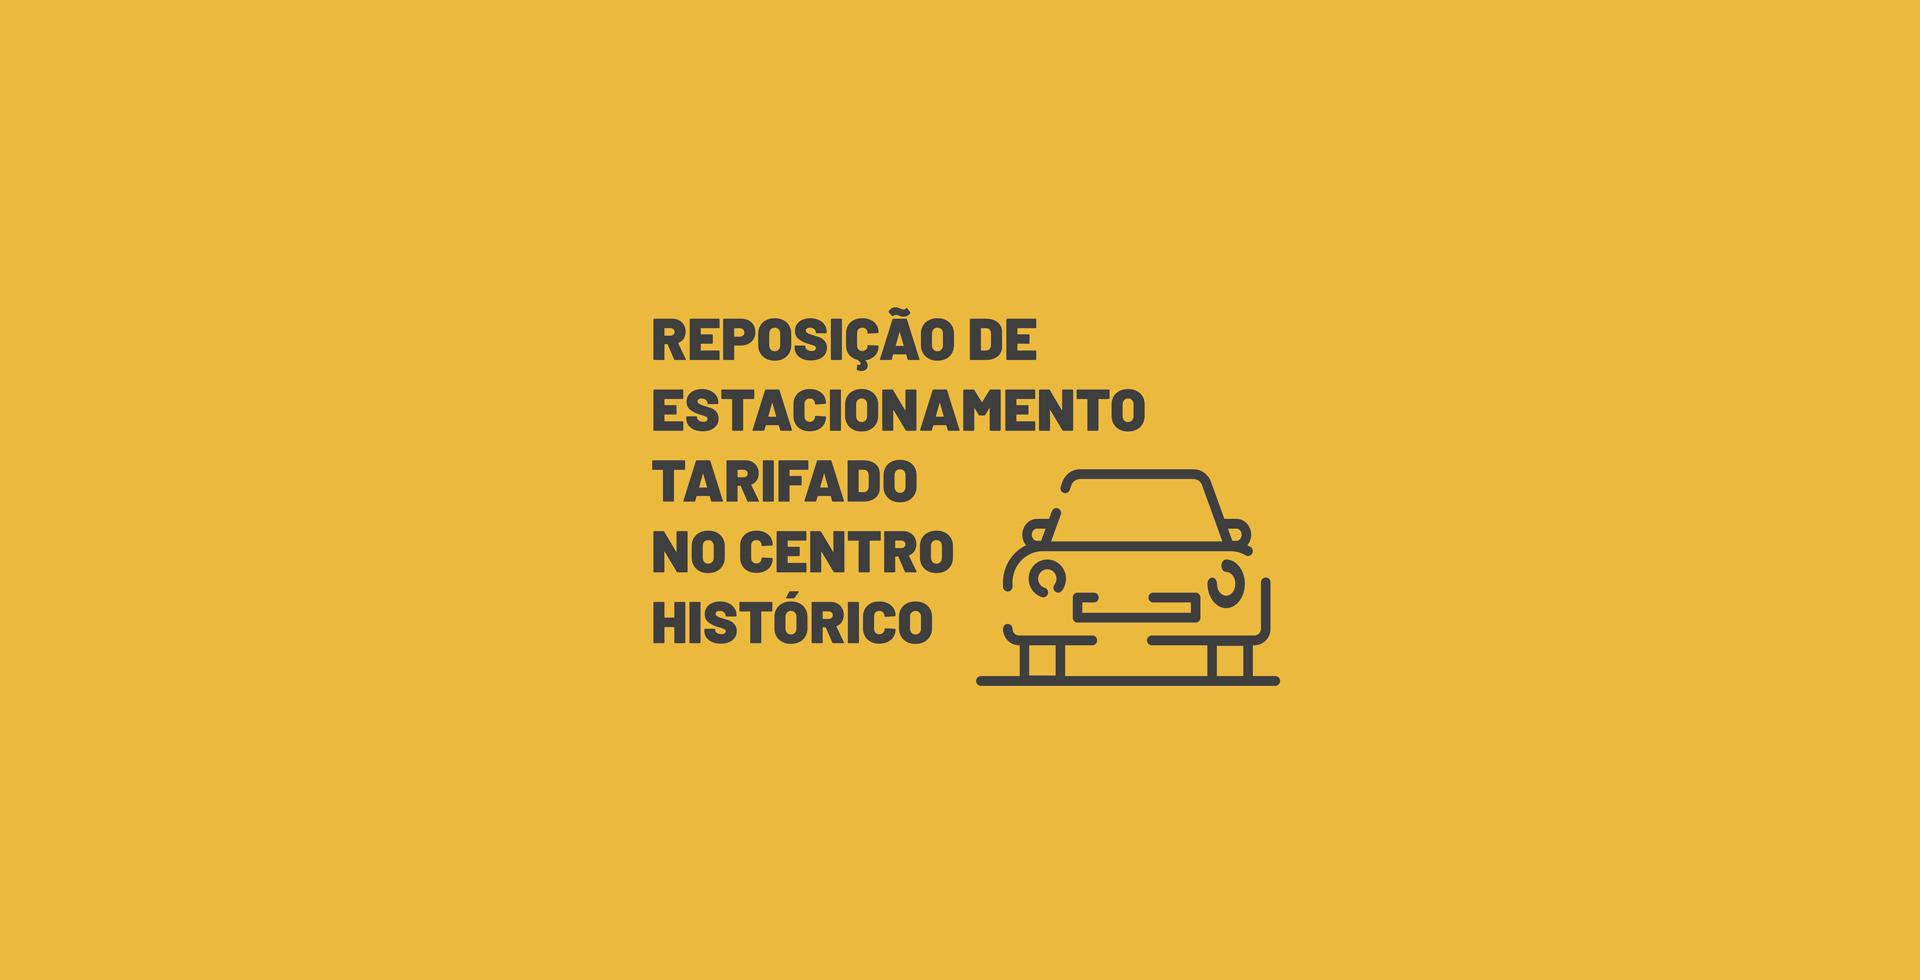 (Português) Reposição de estacionamento tarifado no Centro Histórico